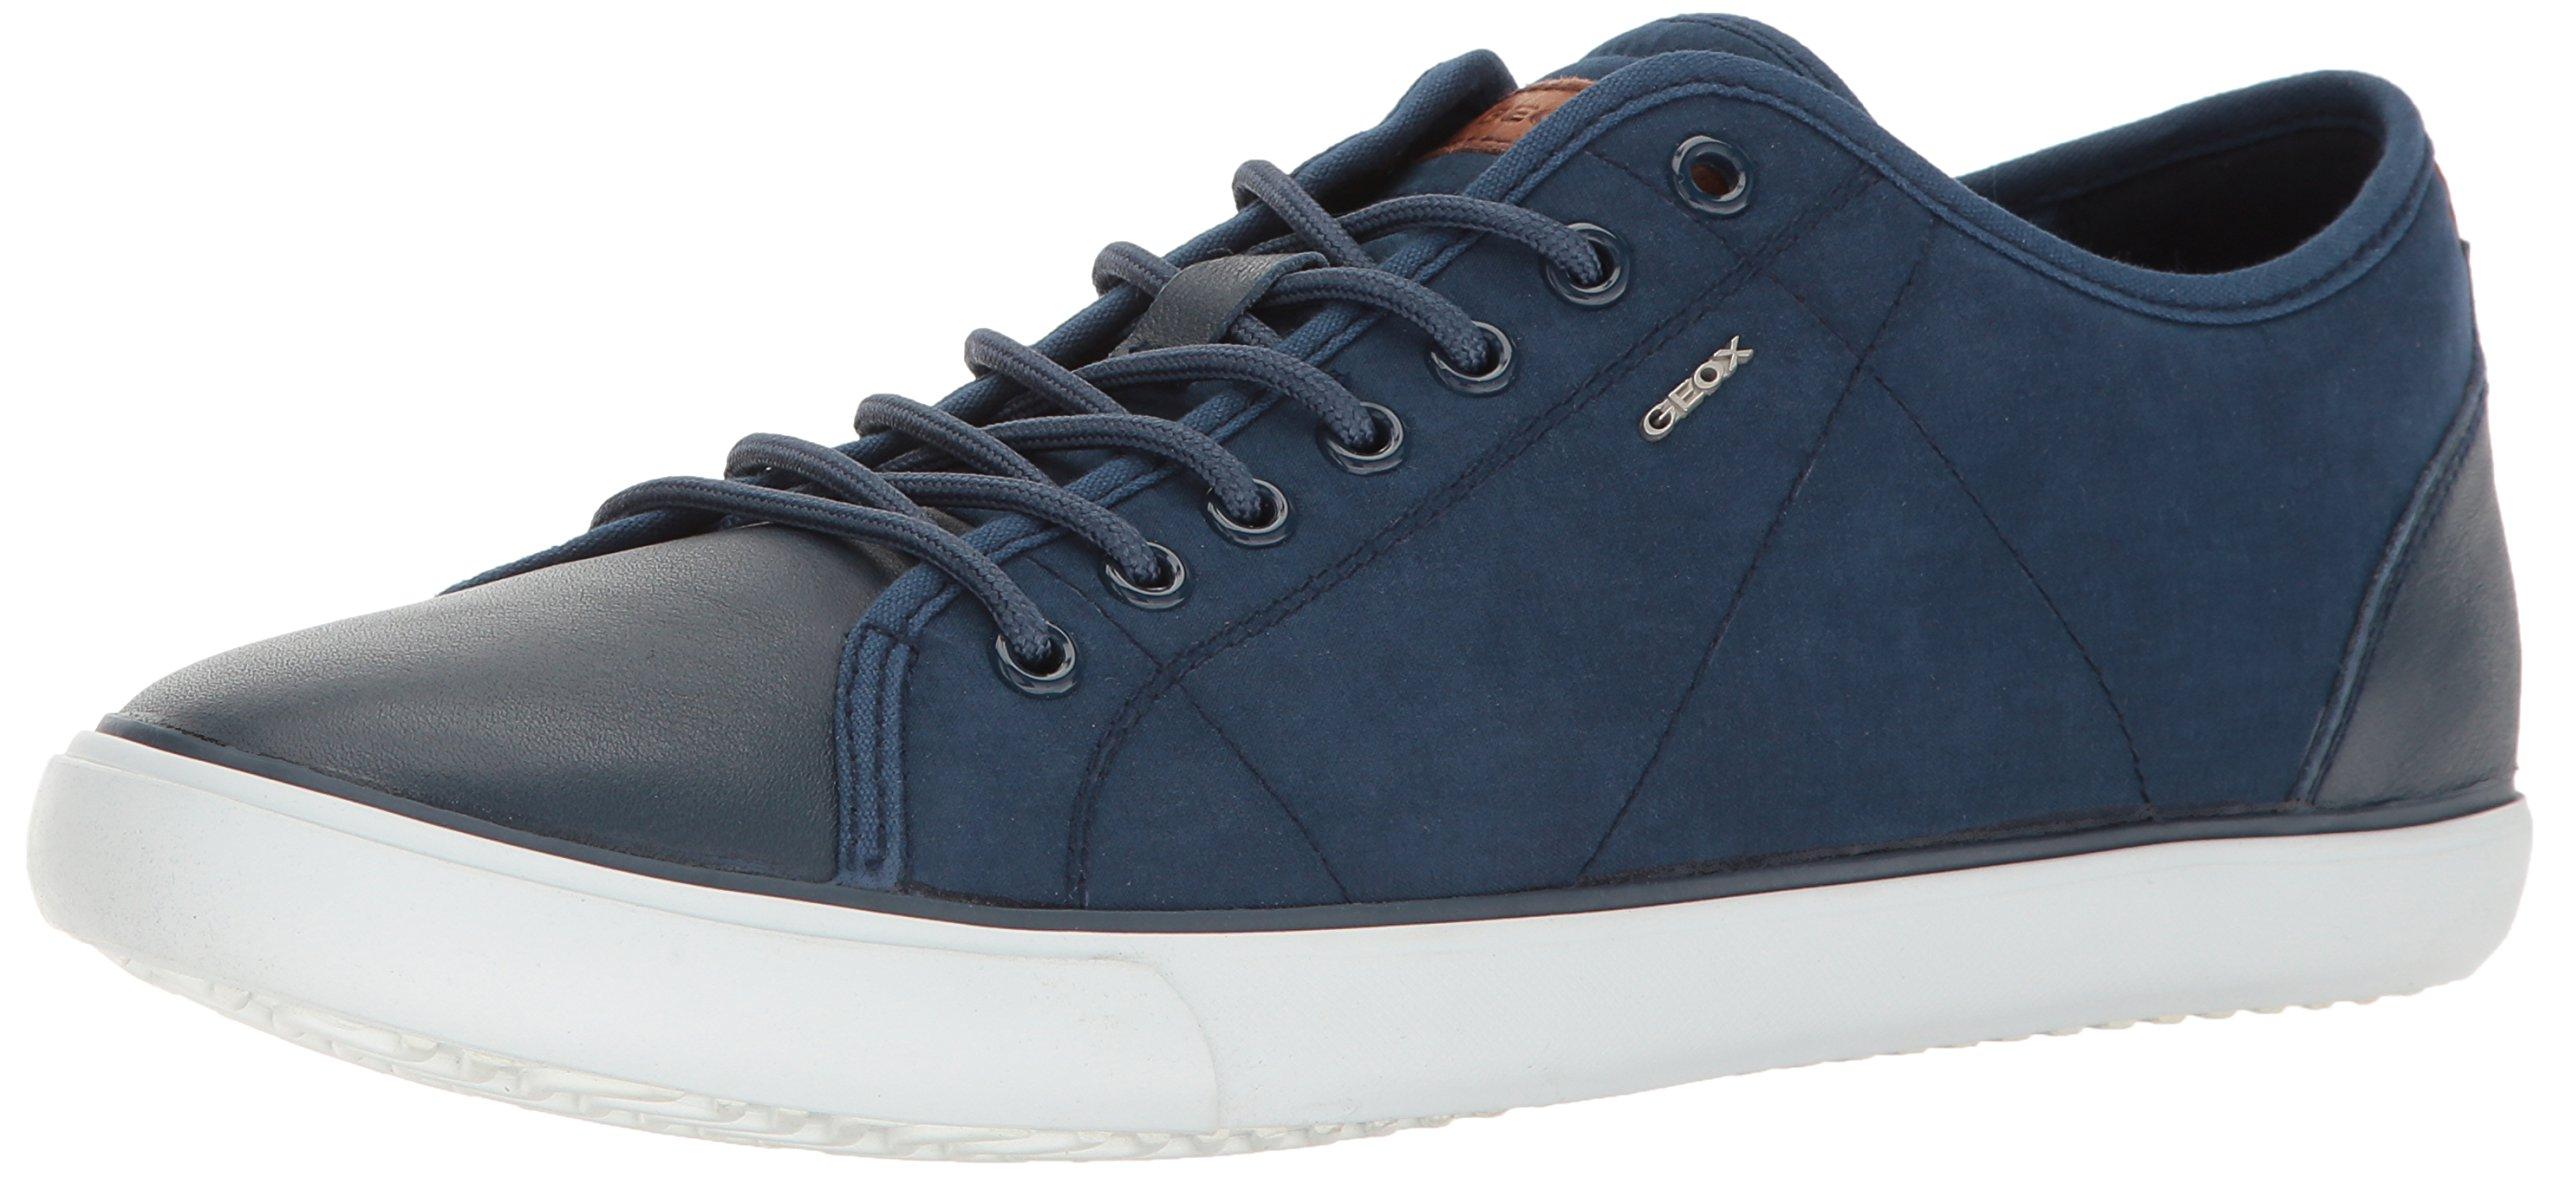 Geox Men's M Smart 73 Fashion Sneaker, Dark Royal, 42 EU/9 M US